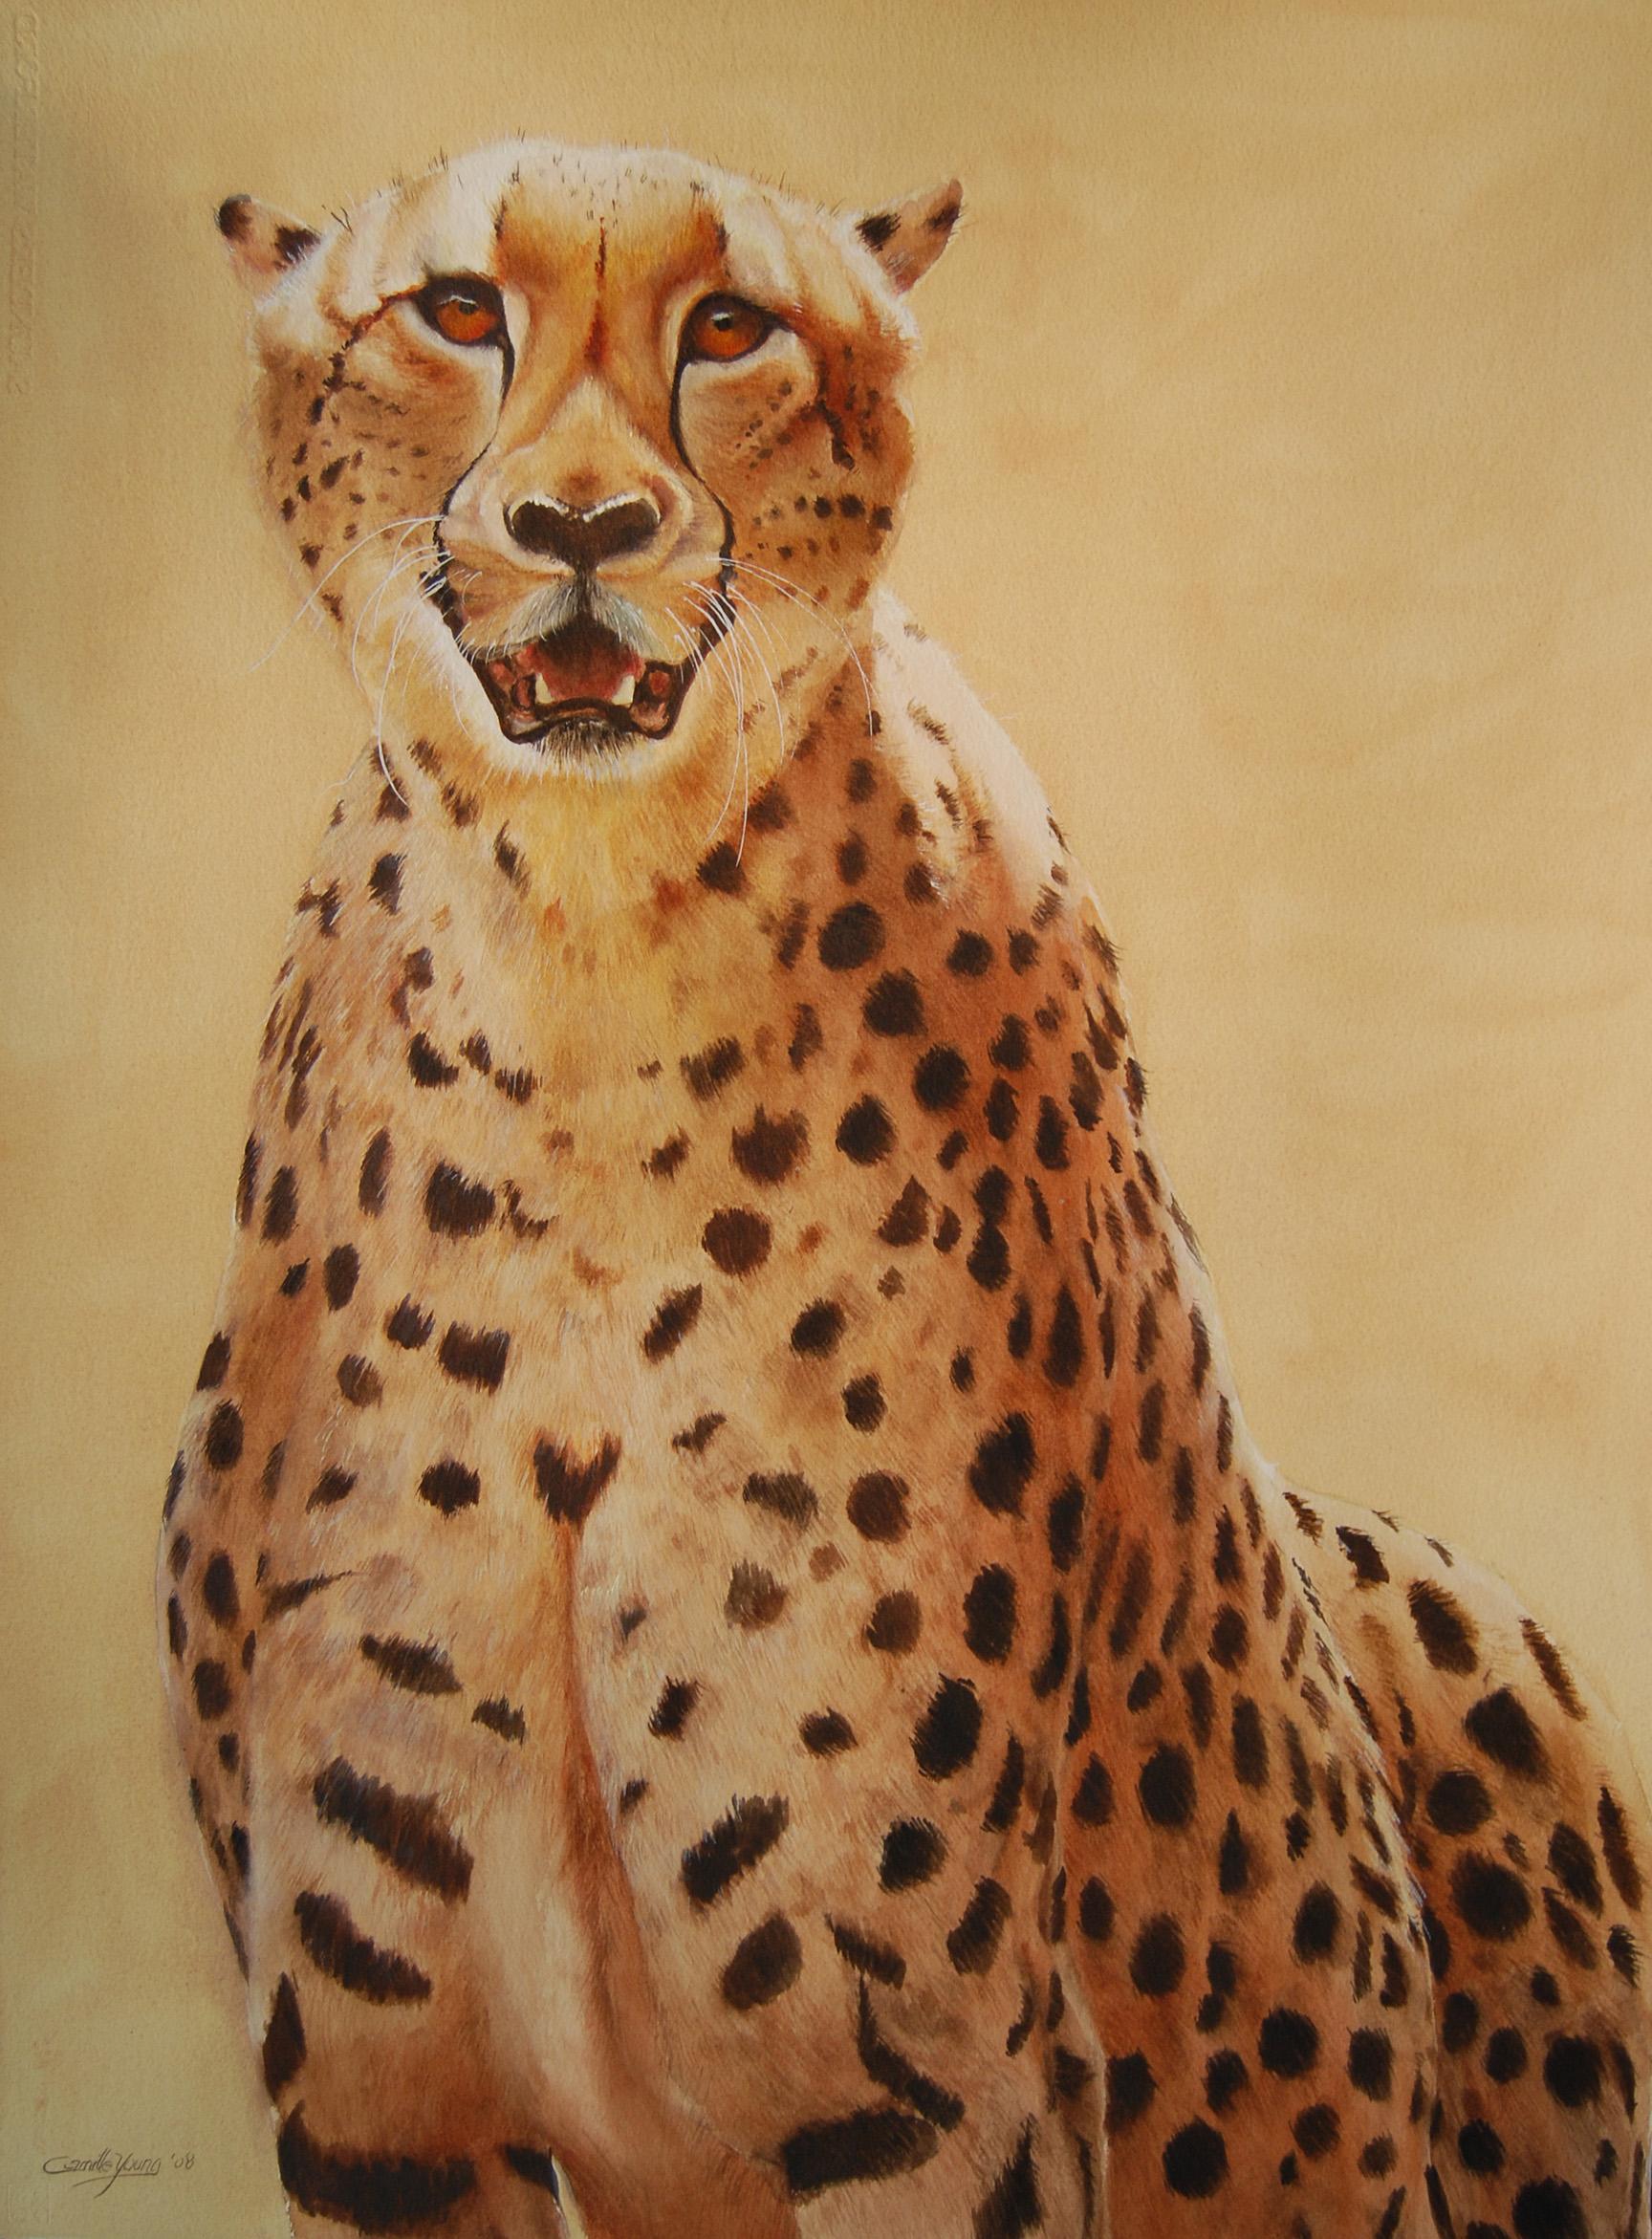 Cheetah   More Info →